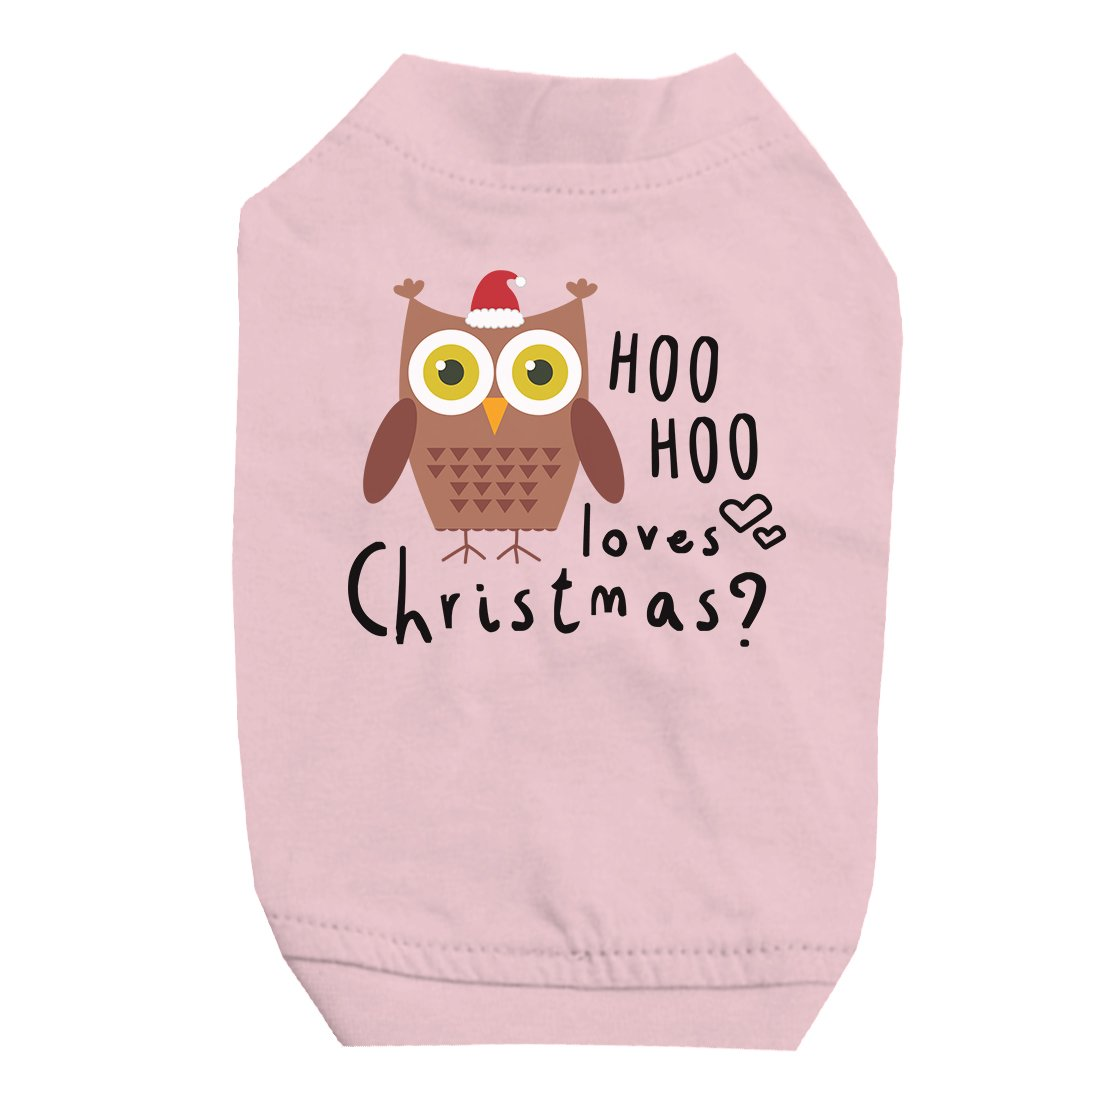 Hoo Christmas Owl Pet Shirt for Small Dogs